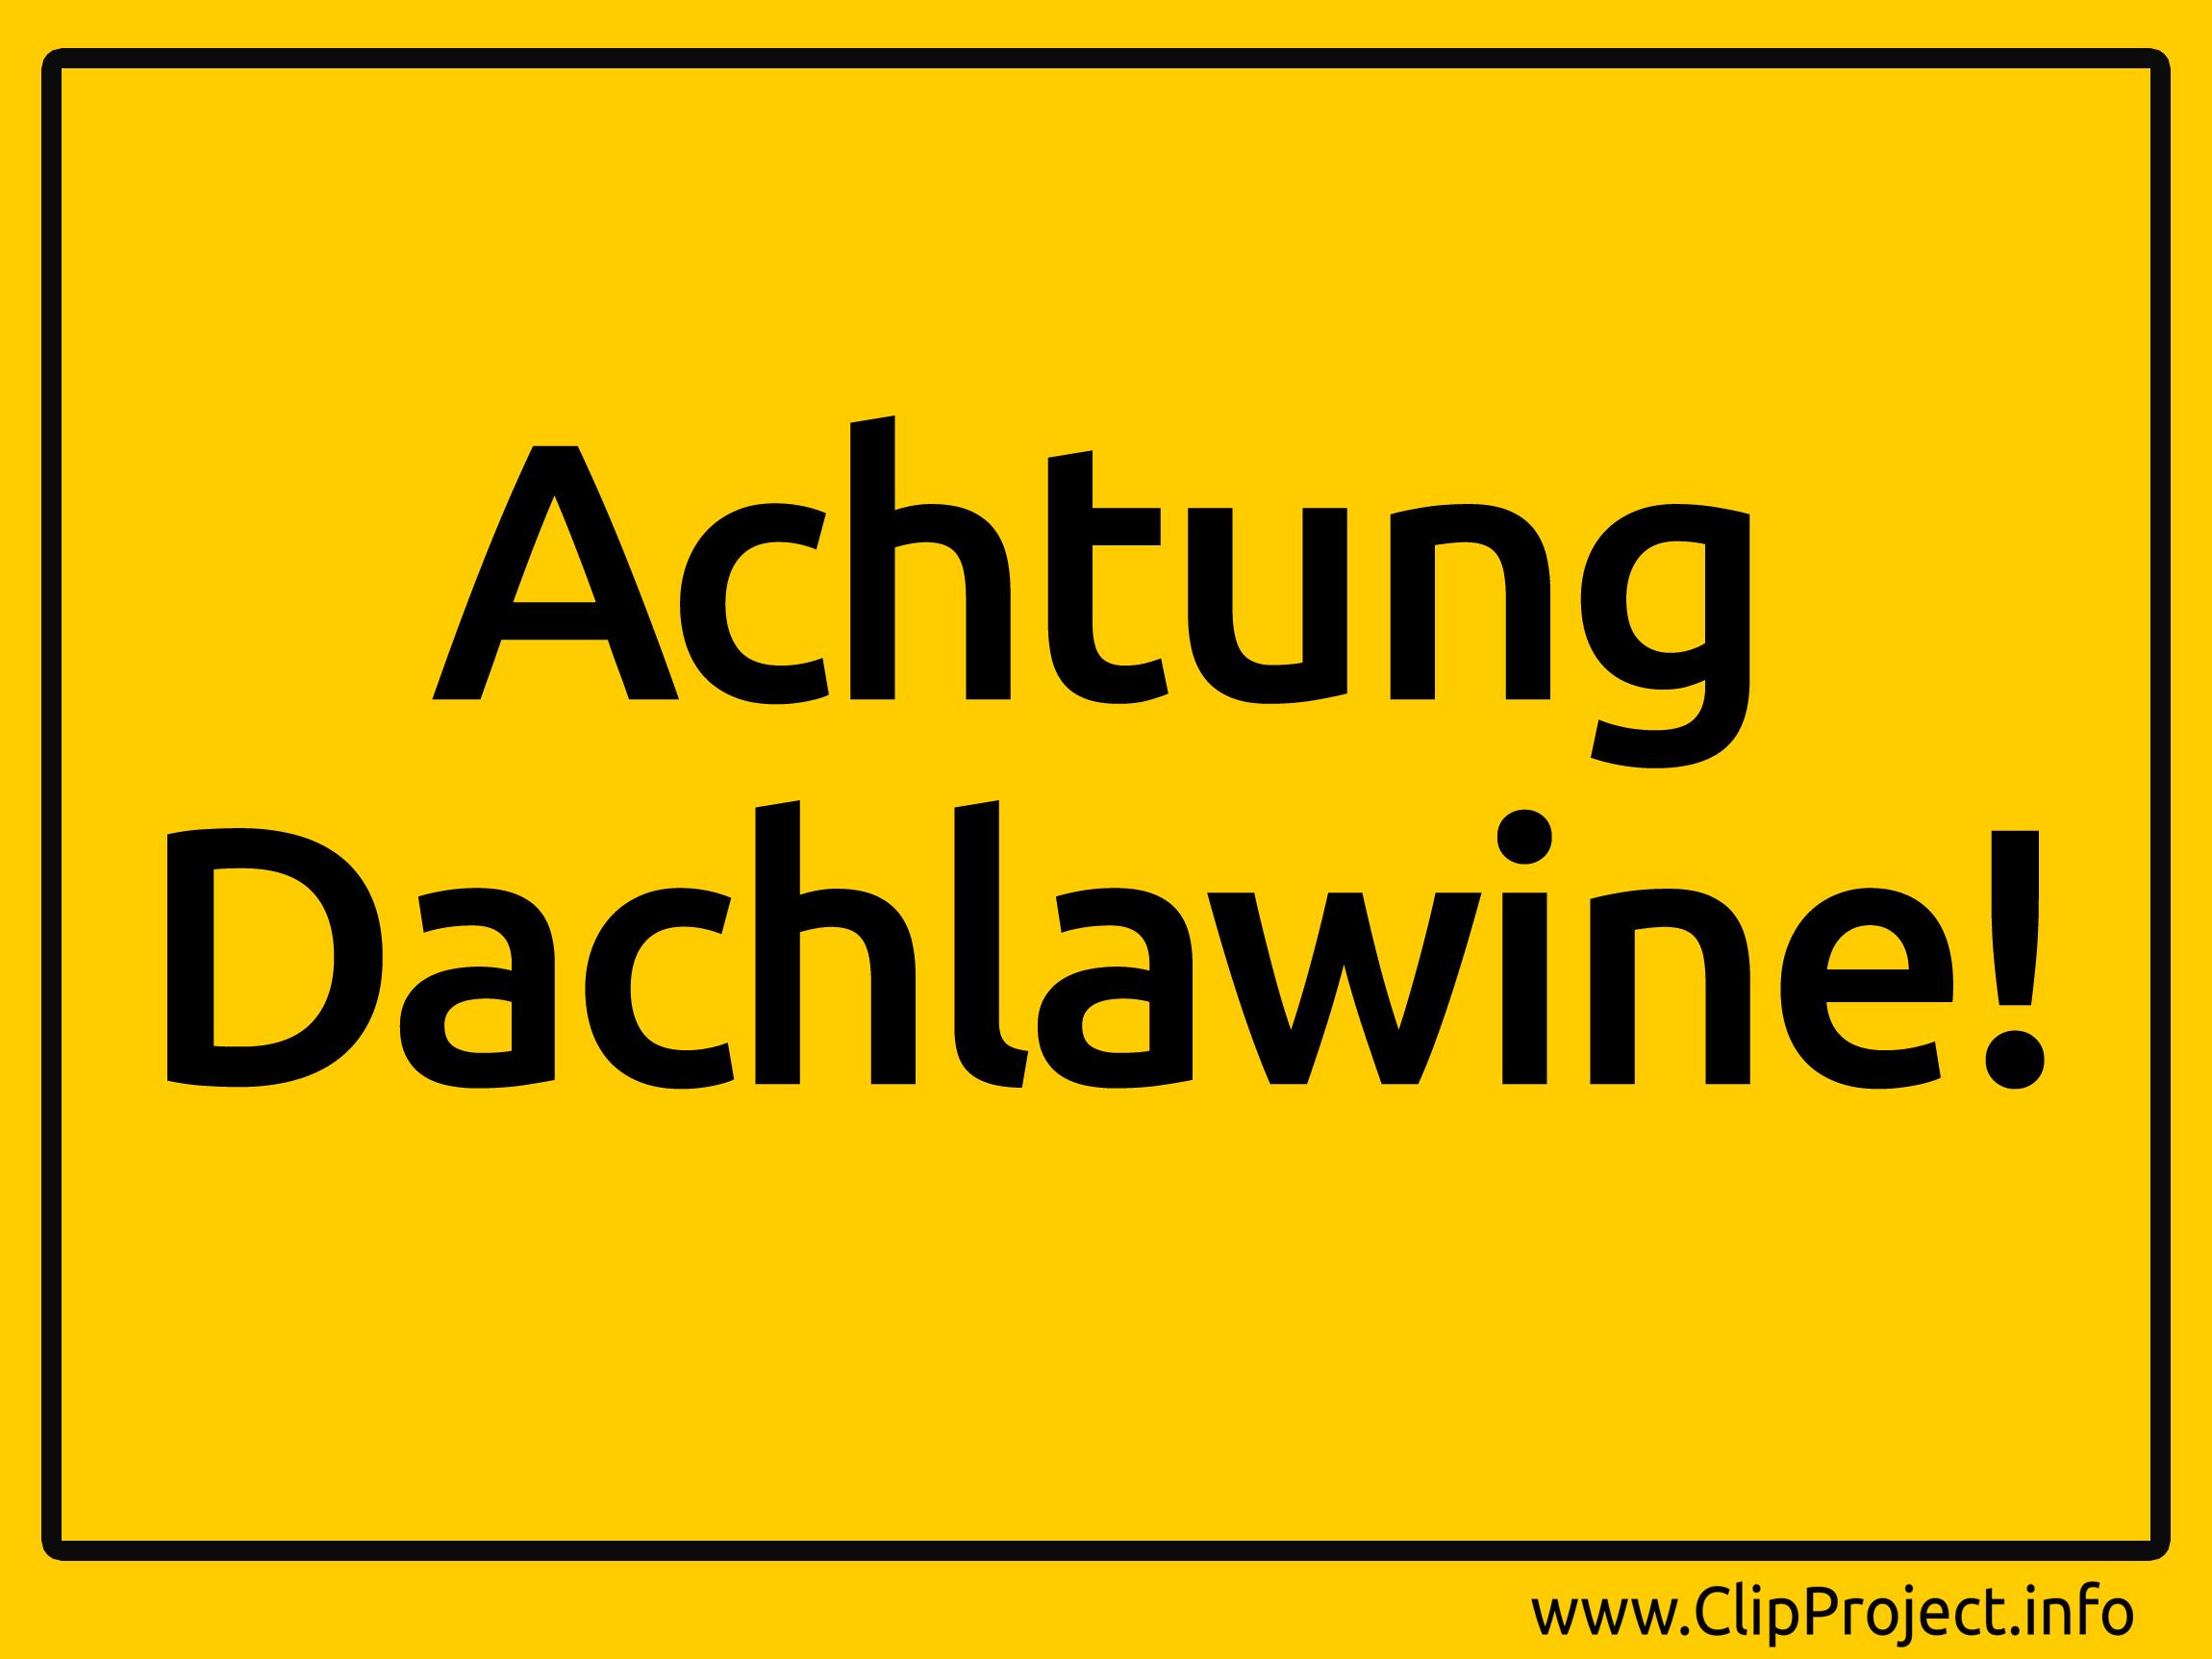 Achtung Dachlawine Schild.